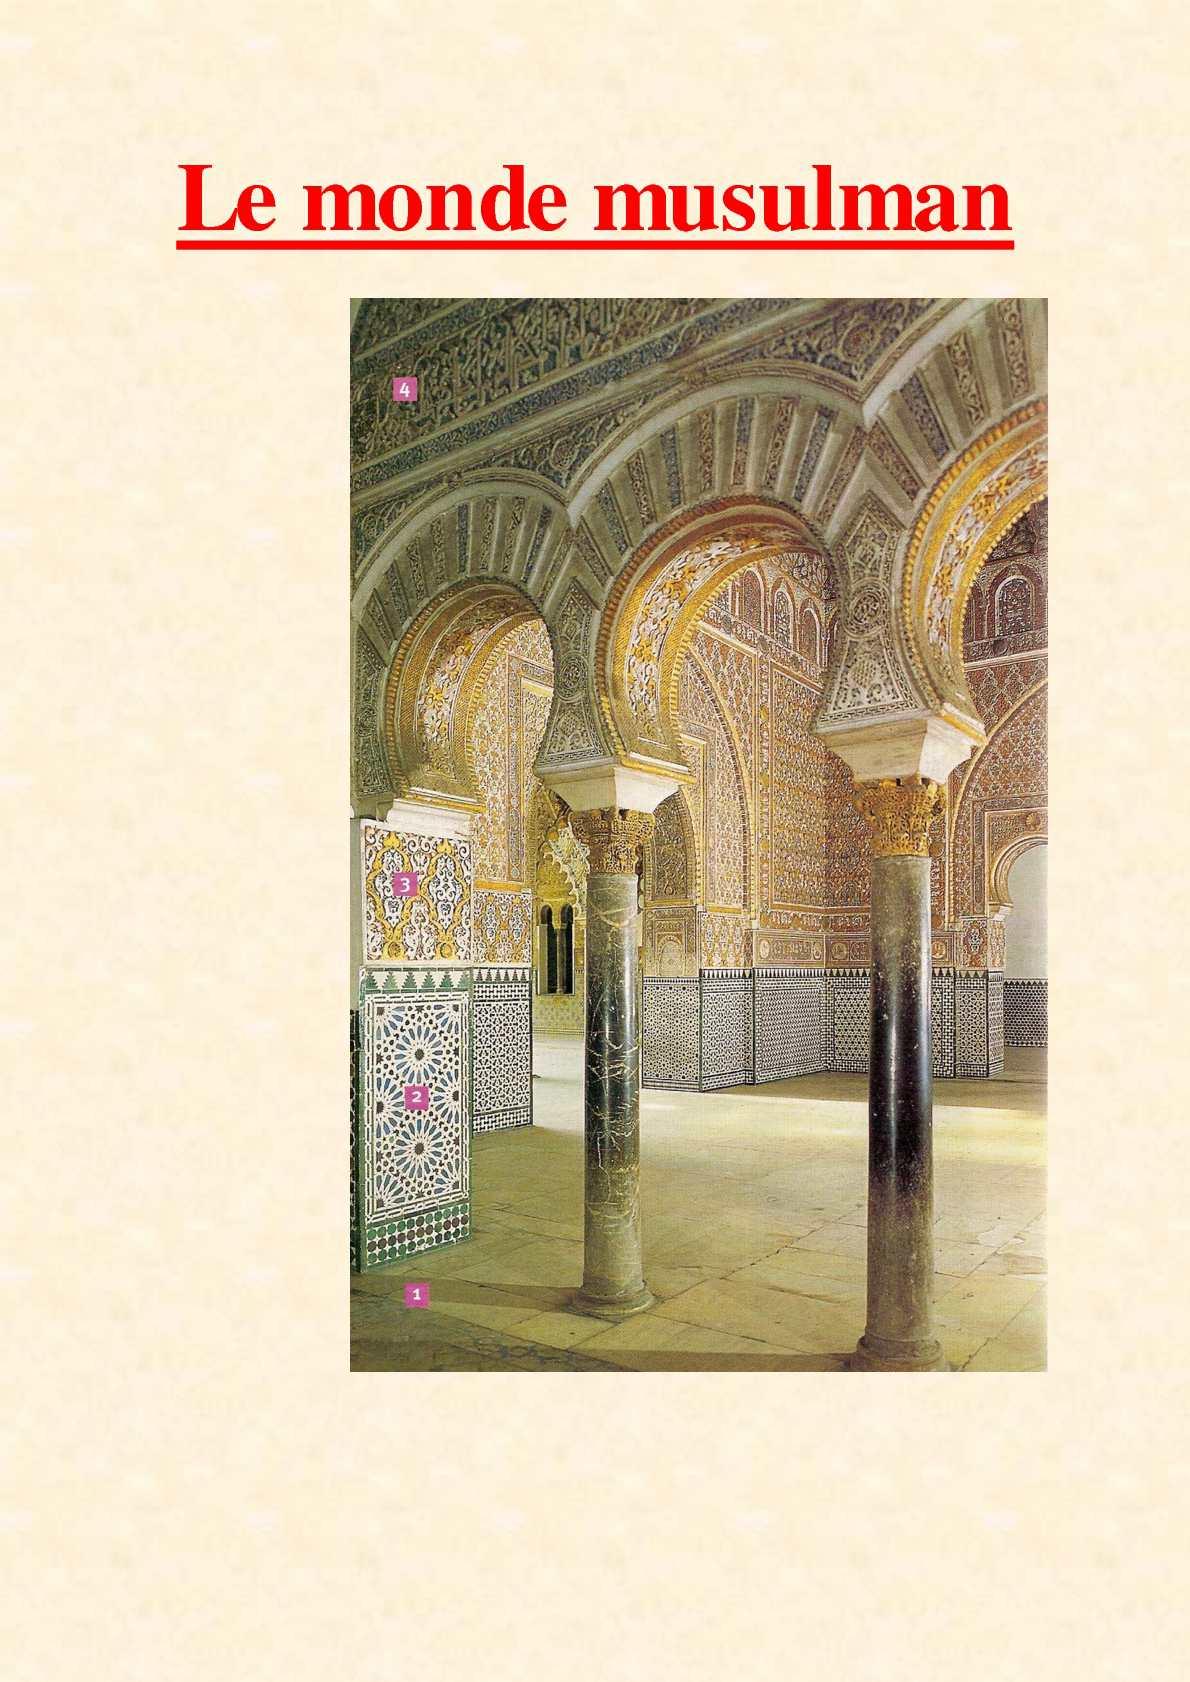 Calaméo - 5ème - Le monde musulman - cours intégral